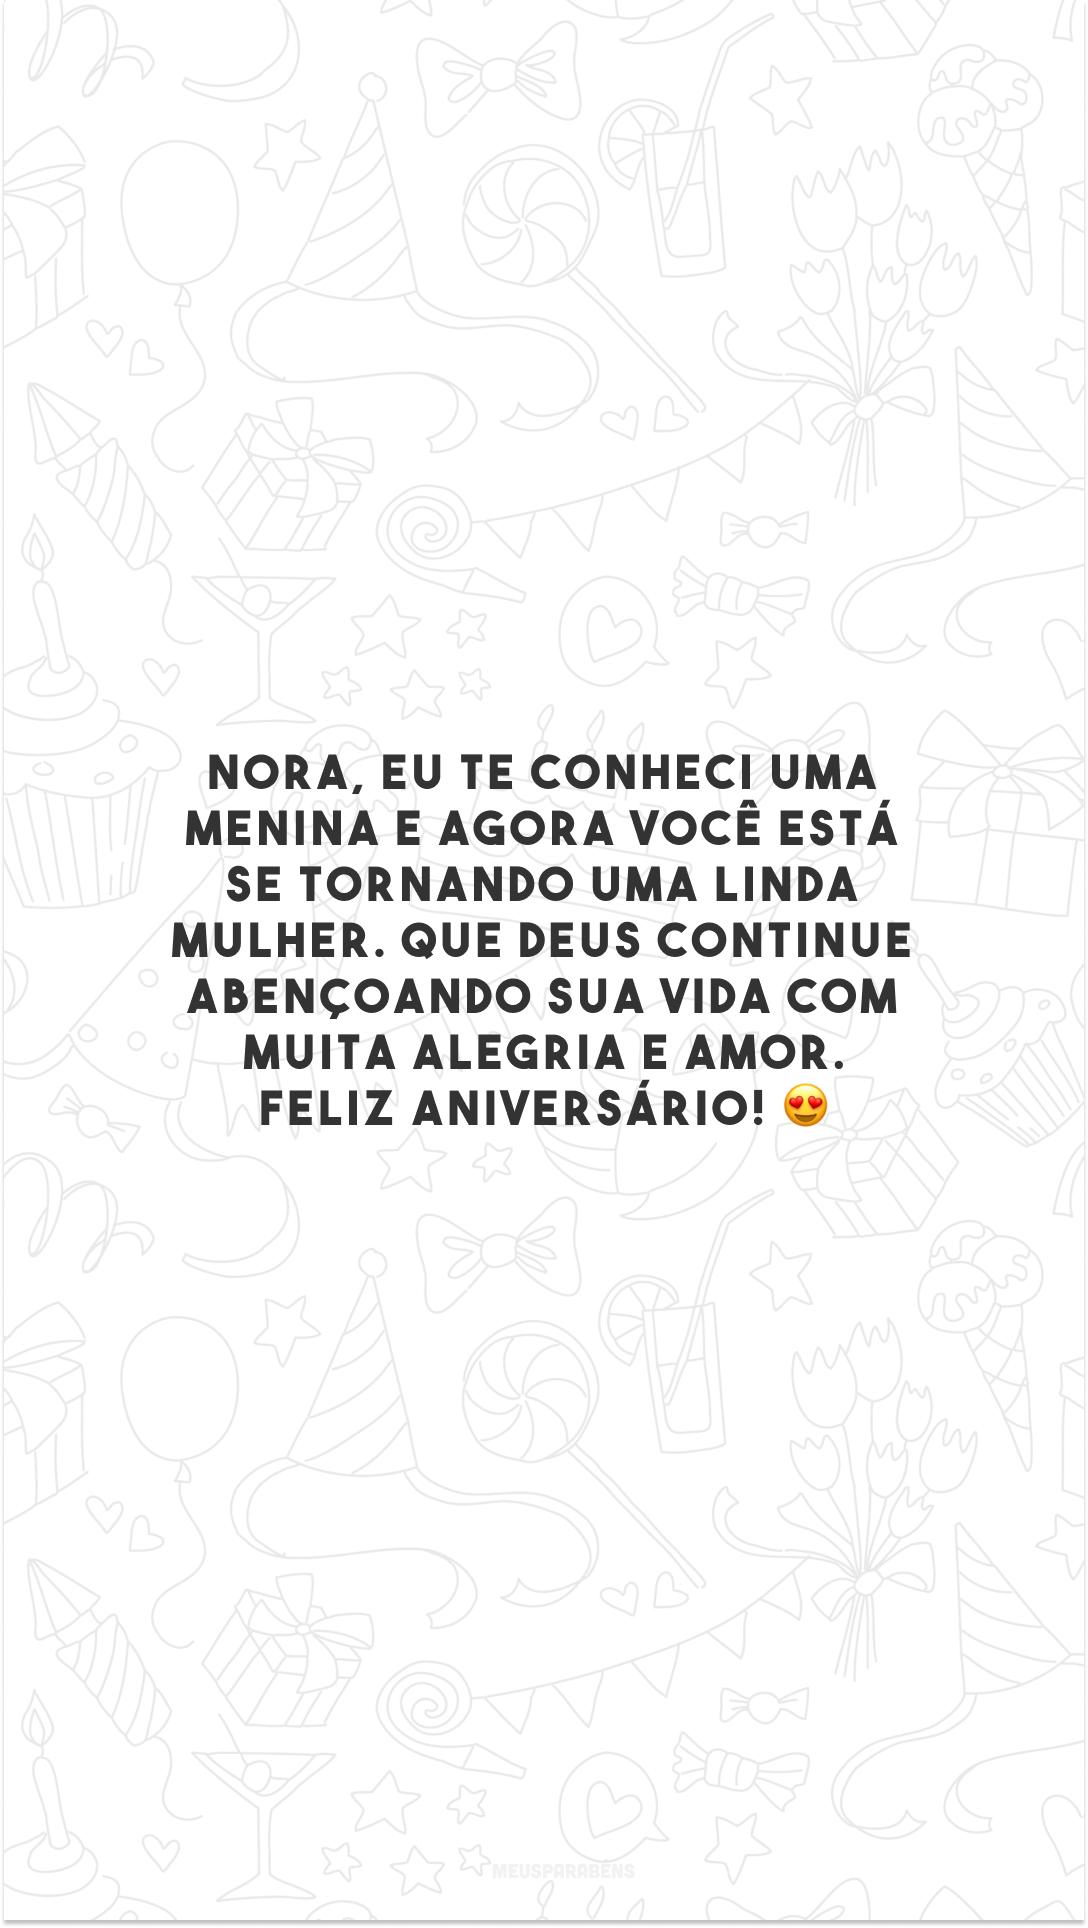 Nora, eu te conheci uma menina e agora você está se tornando uma linda mulher. Que Deus continue abençoando sua vida com muita alegria e amor. Feliz aniversário! 😍